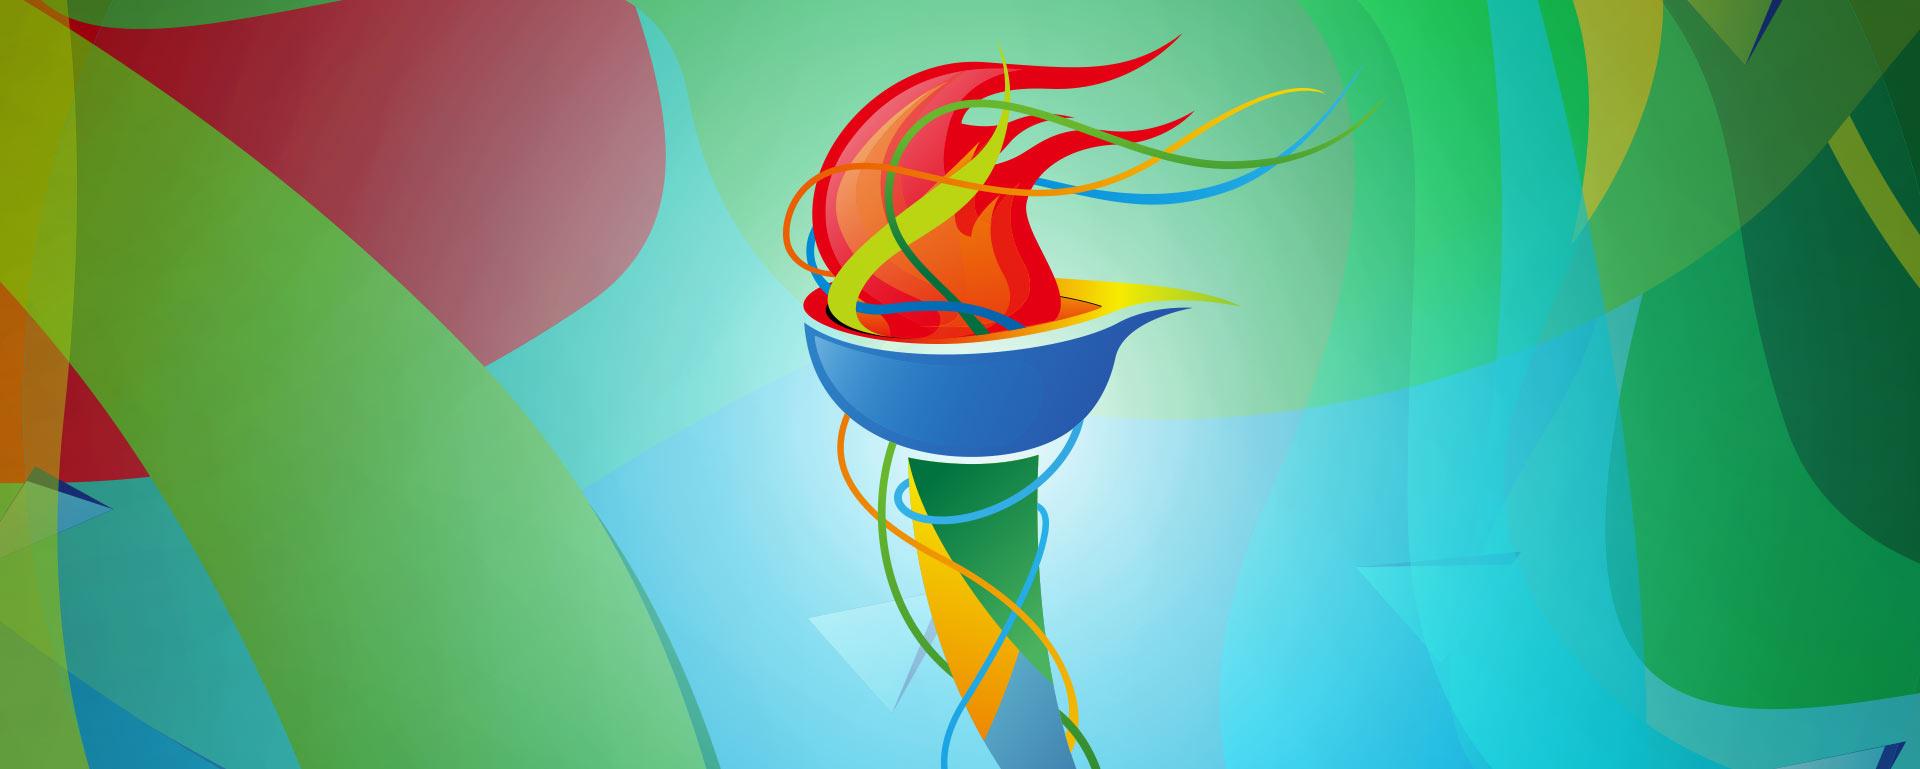 Igrzyska Olimpijskie w Tokio 2020- dowiedz się więcej o IO i poznaj terminarz rozgrywek